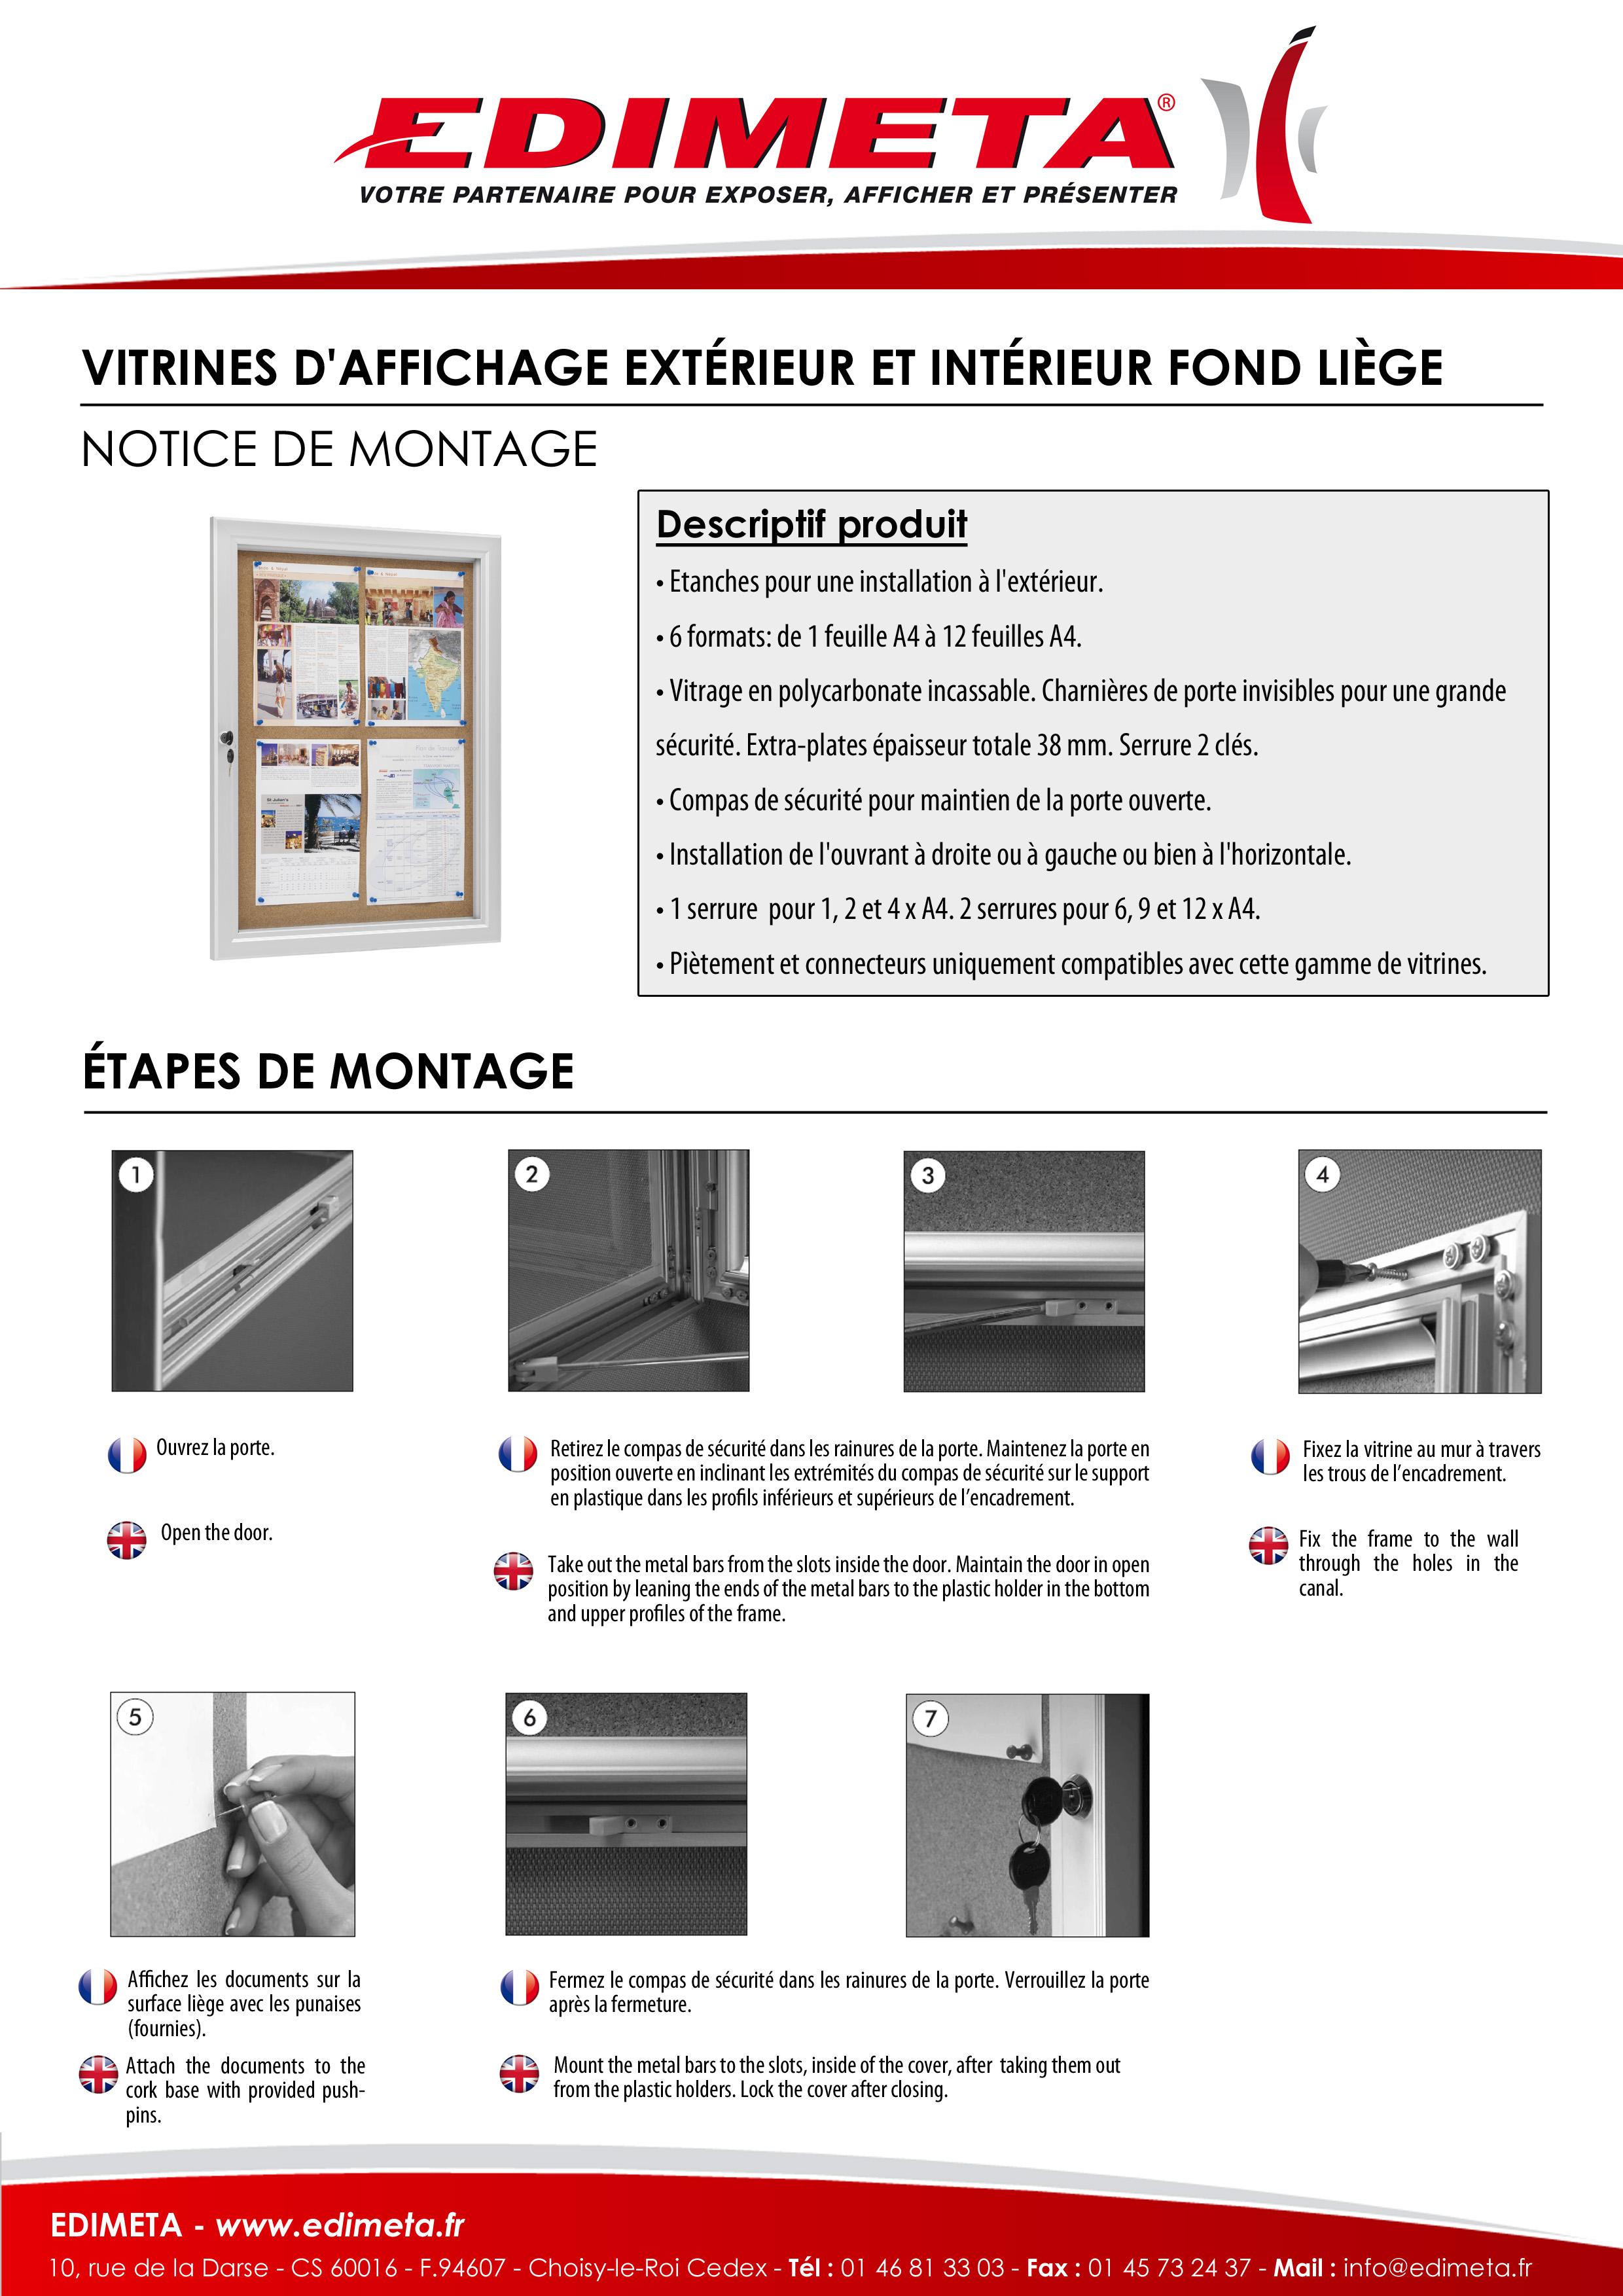 NOTICE DE MONTAGE : VITRINES D'AFFICHAGE EXTÉRIEUR ET INTÉRIEUR FOND LIÈGE